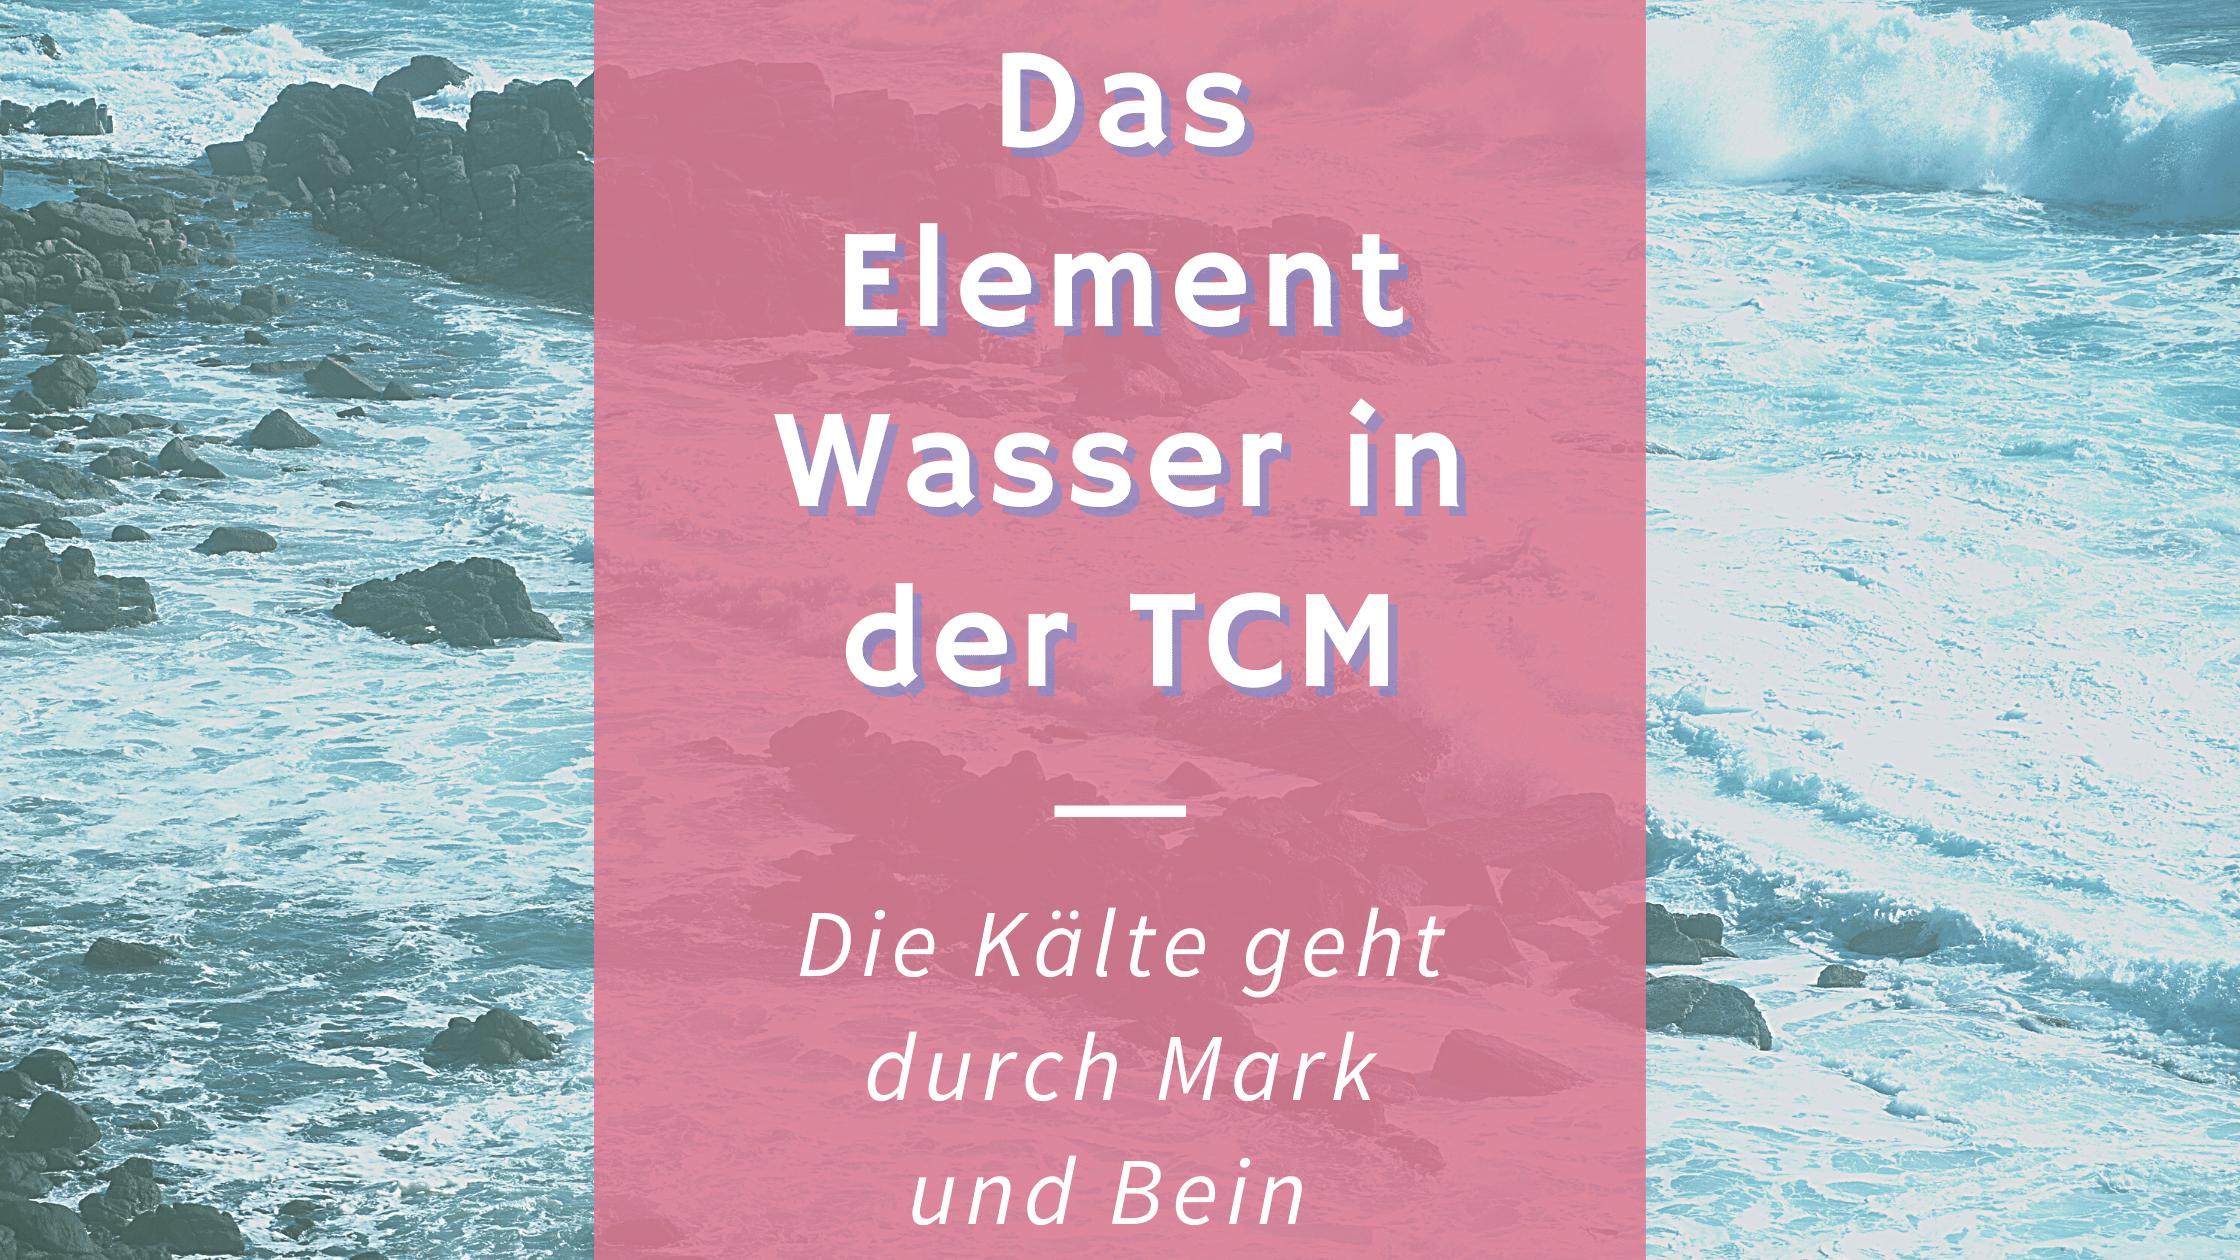 Das Element Wasser nach TCM – Die Angst steckt in den Knochen